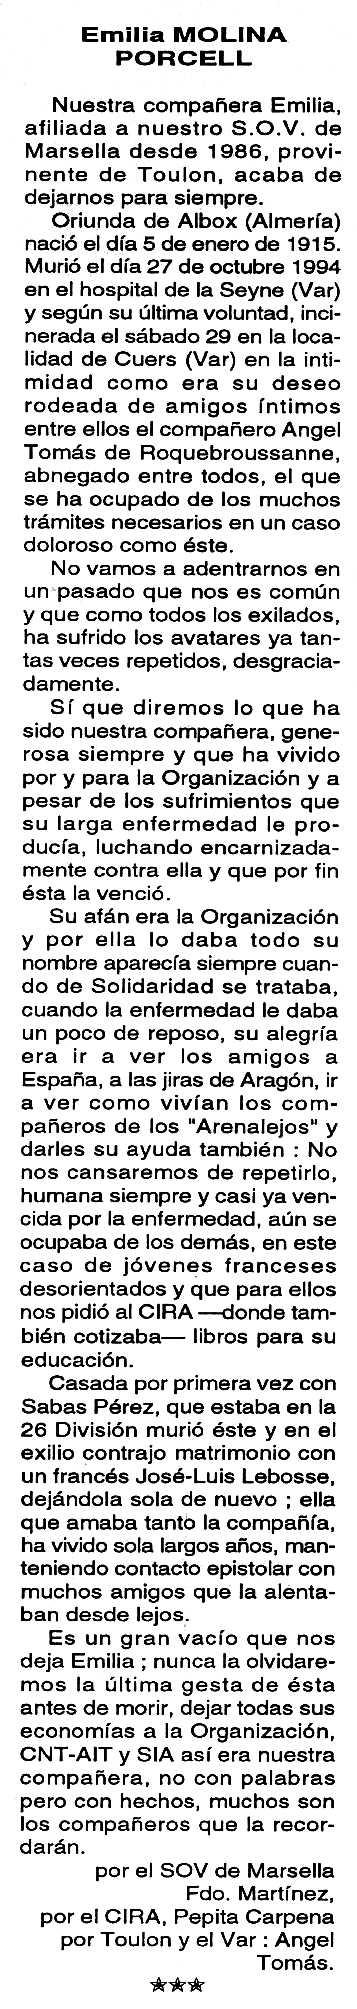 """Necrològica d'Emilia Molina Porcel apareguda en el periòdic tolosà """"Cenit"""" del 29 de novembre de 1994"""